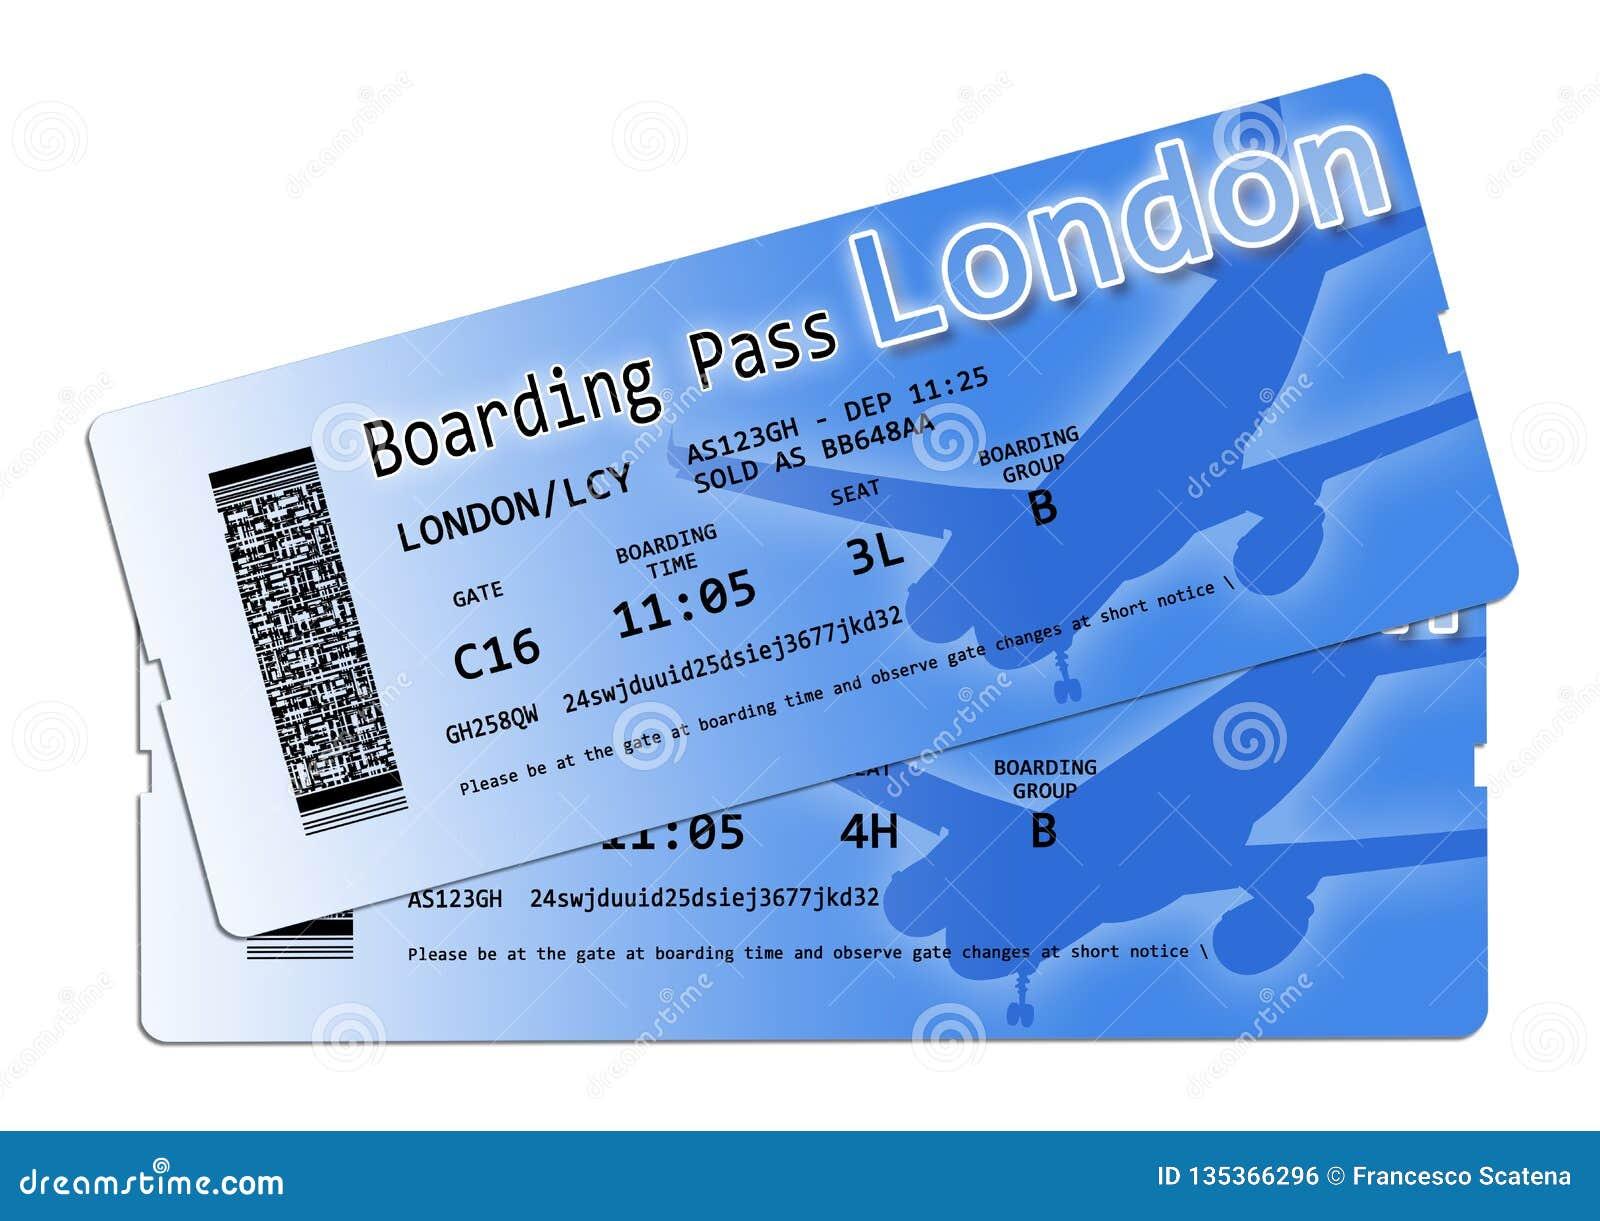 航空公司登机牌票向伦敦-图象的内容不完全被发明和包含在版权下